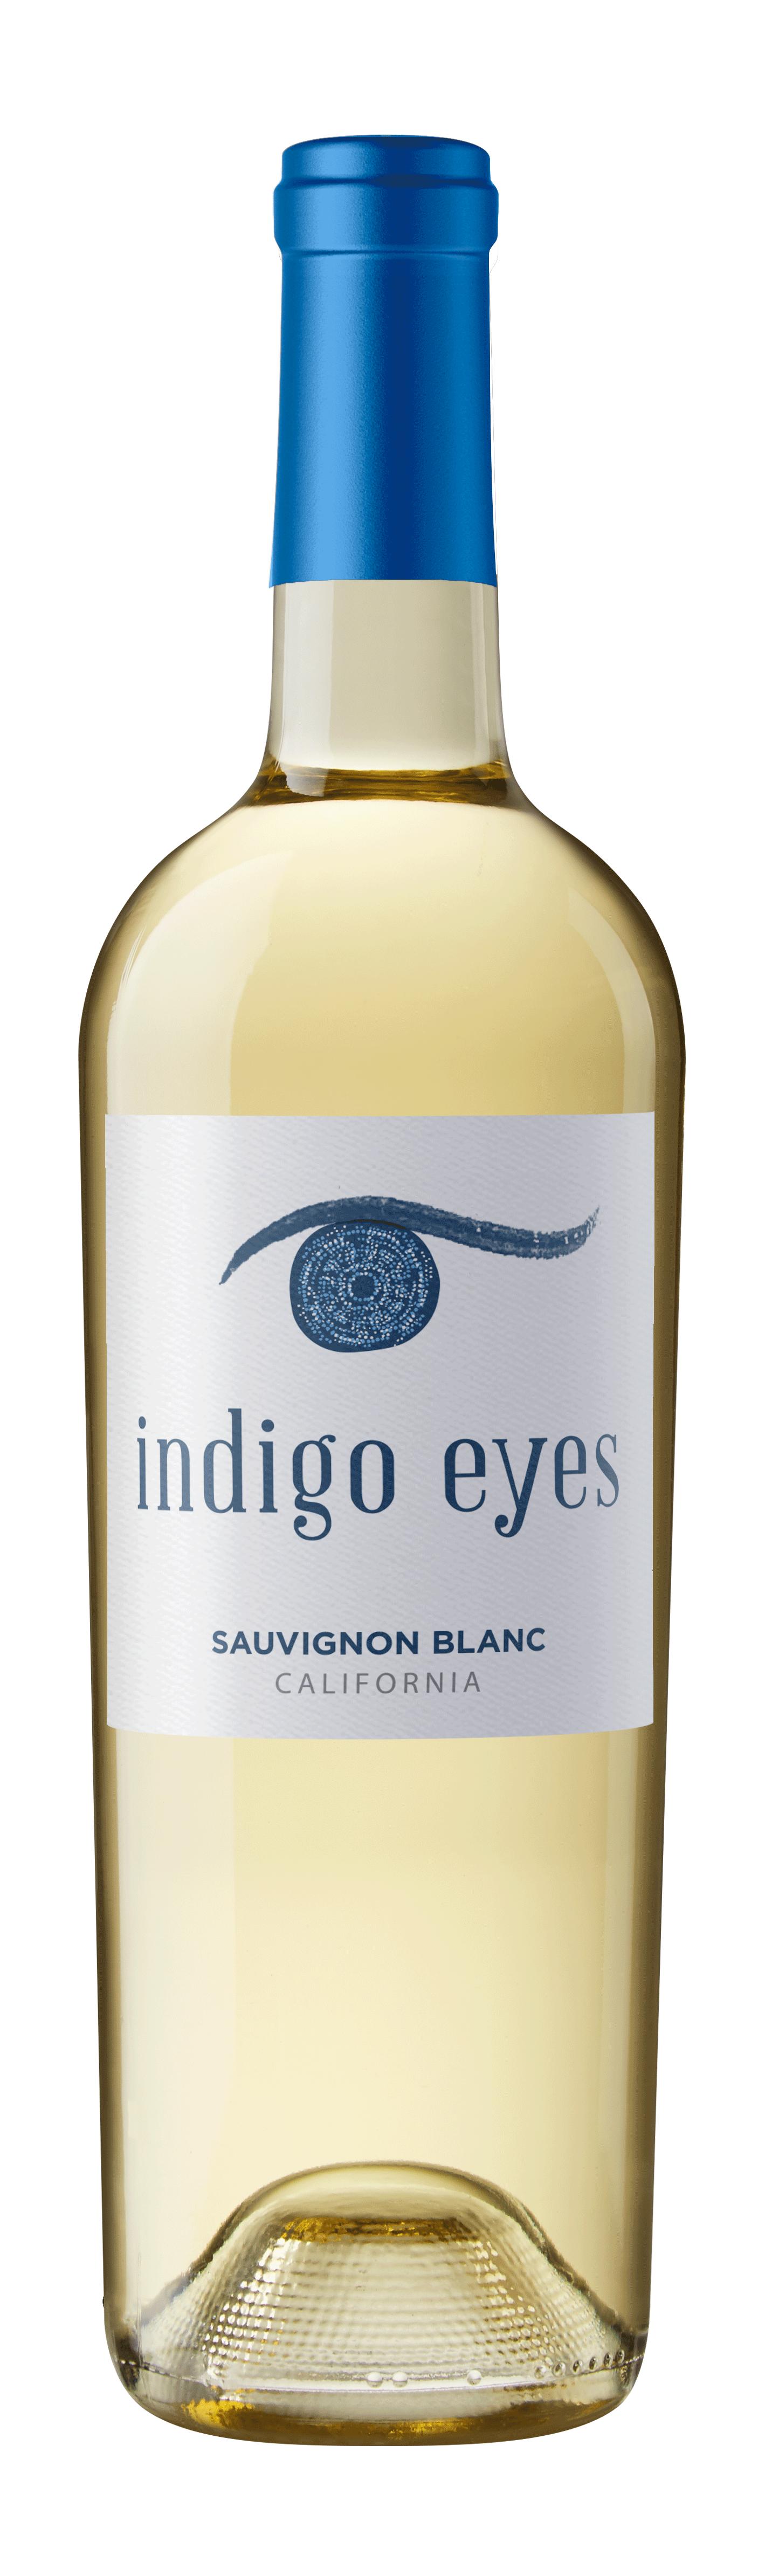 Indigo Eyes Sauvignon Blanc